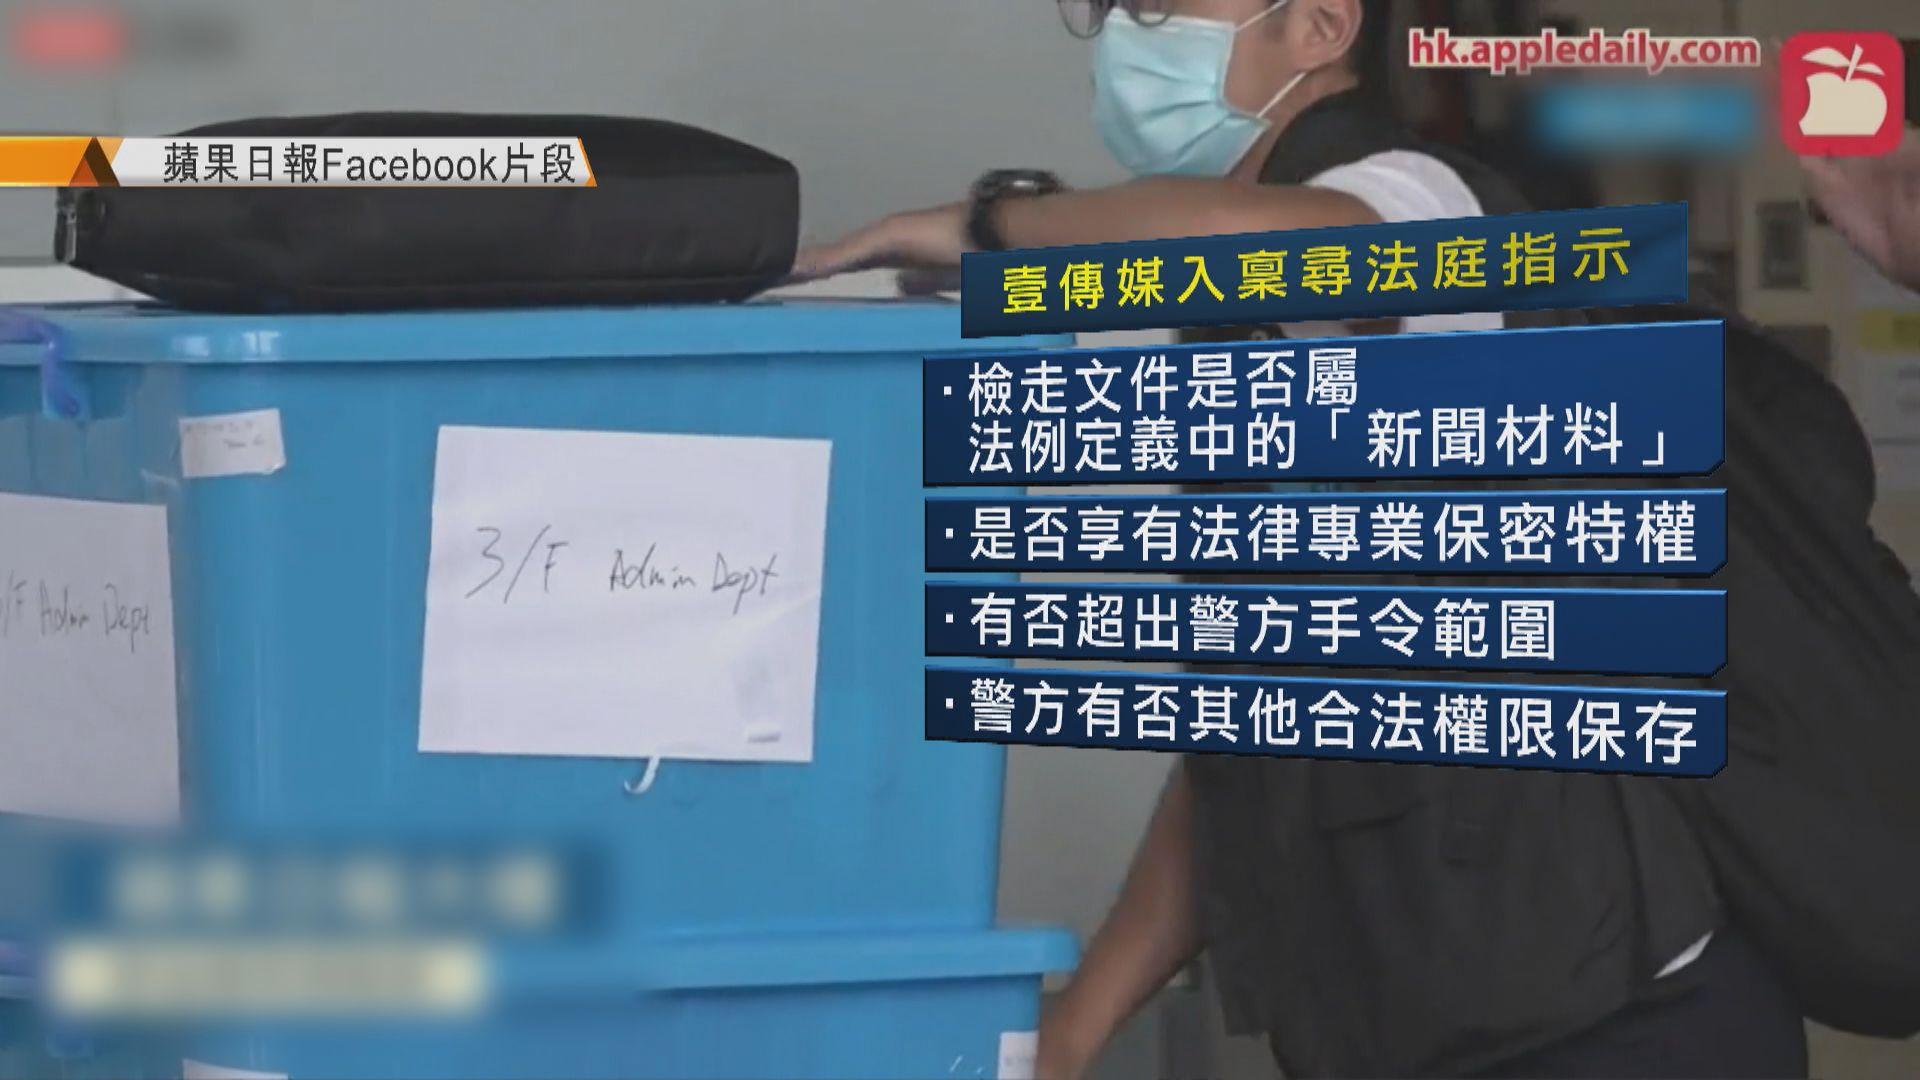 壹傳媒高層入稟法庭就警方在其住所檢走的文件作指示